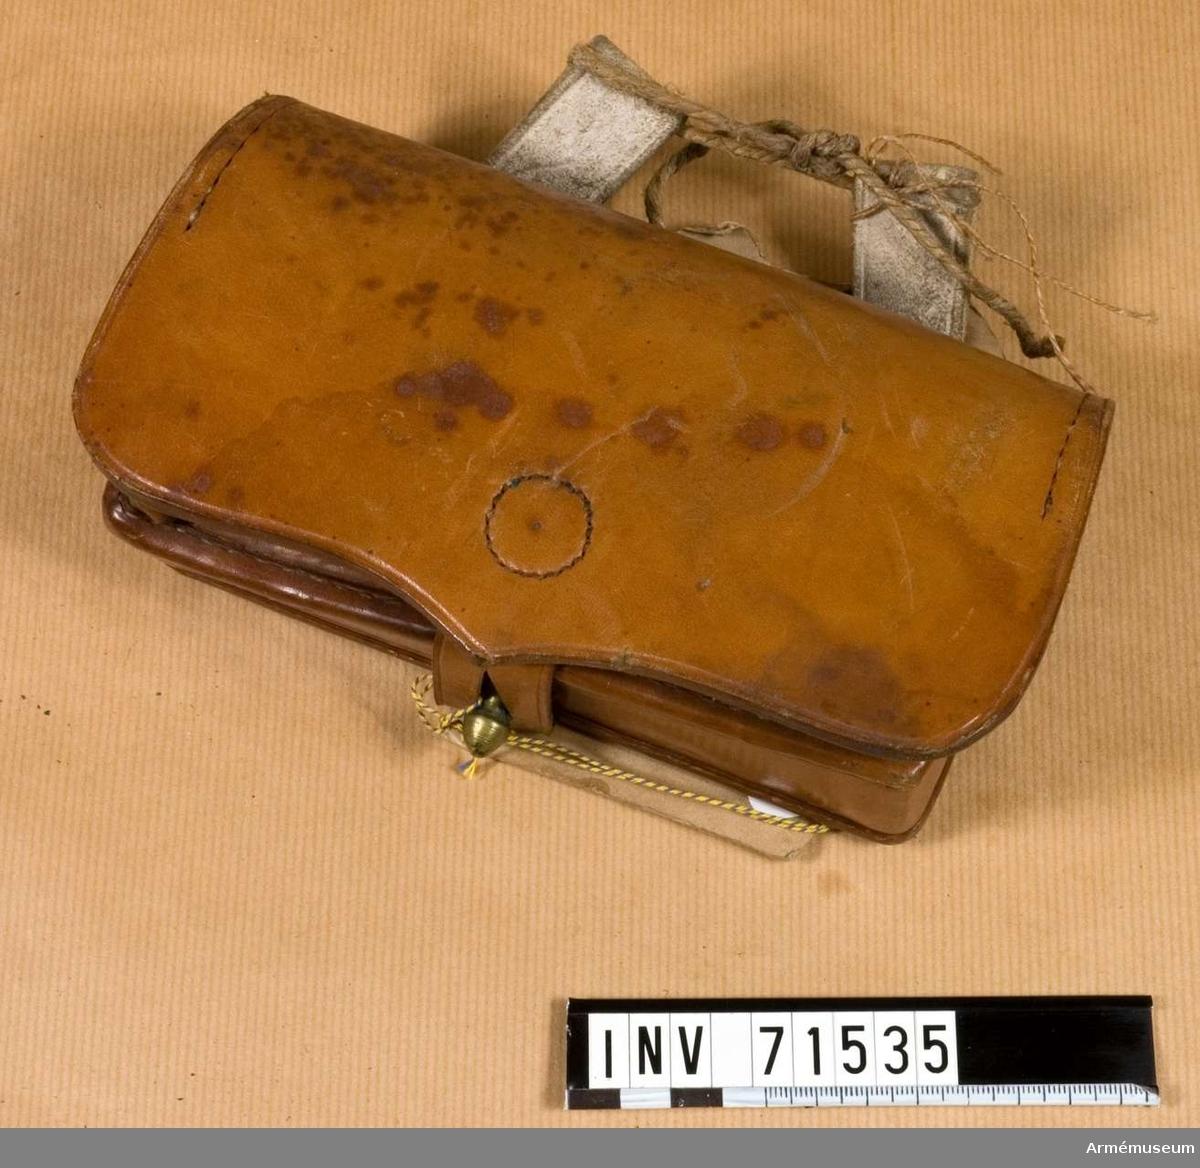 """Grupp C:II. Plats: Tyskland. Ammunitionsväska (""""Munitionstasche"""") i form  av infanteripatronväska av brunt läder (utom två fastsydda löpare) och består av: Lock som stänger väskan med en läderbit och som har knapphål på baksidan med en stämpel där det står: """"August Loh"""" """"Hoflieferant Militair - Effecter. Fabrikant. Berlin"""". Väska rymmande tio nästen för pistolpatroner (pistolen infördes för ridande menig vid fältartilleriet år 1864). På väskans framsida två fickor för tolv knallhattar och skruvmejsel; en ficka stänges med läderknapp och den andra med ett lädersnöre, på väskans undersida en kopparknapp att stänga väskan med. På väskans baksida två fastsydda öglor av älghud att fästa väskan vid livremmen.  Litteratur: Enl. Geschichte der Bekleidung und Ausrüstung der König. Preus. Armée in den Jahren 1808 bis 1878. Berlin 1878. Sid: 241 § 1109: Efter en dagorder av den 6. maj 1864 fingo ridande menig vid fältartilleriet pistoler, ammunitionsväska för tio patroner, tolv knallhattar och skruvmejsel efter modell av infanteriväskan. Ammunitionsväskan har en kartongetikett med texten. Für Munition, für Artillerie v. 6/5 1864. Enligt Kapten W.Granberg."""